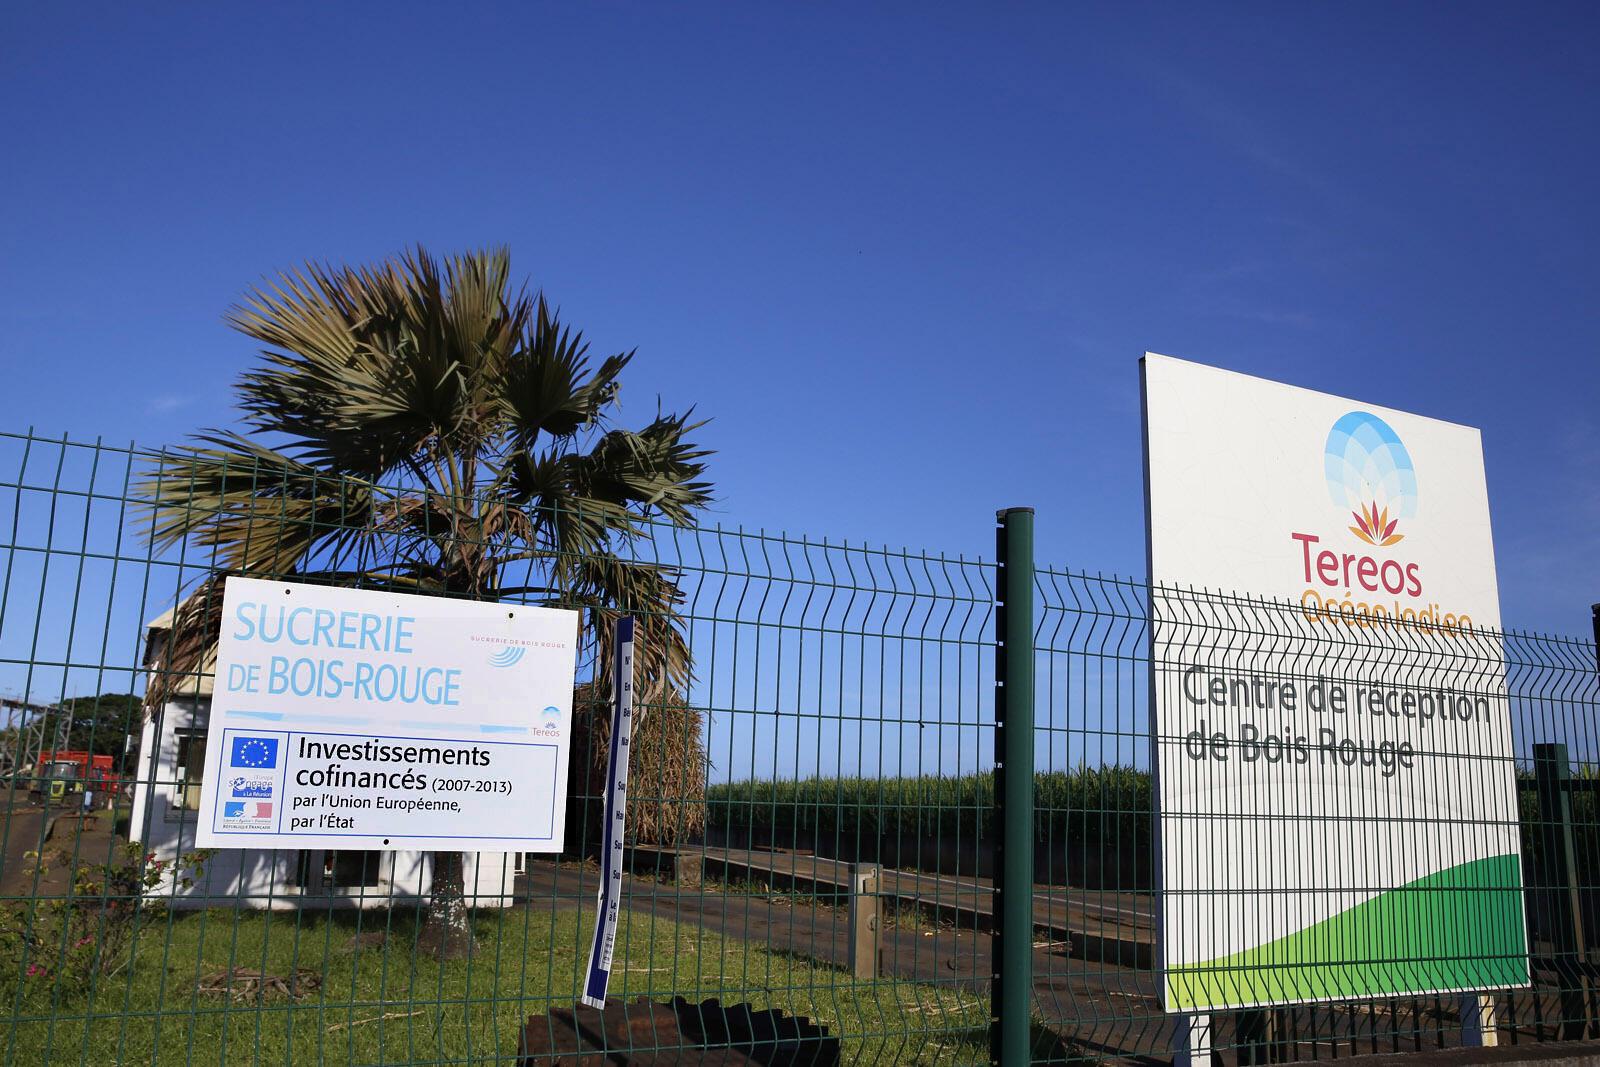 Placa na ilha da Reunião, departamento ultramarino francês, mostra fábrica construída com recursos da União Europeia.